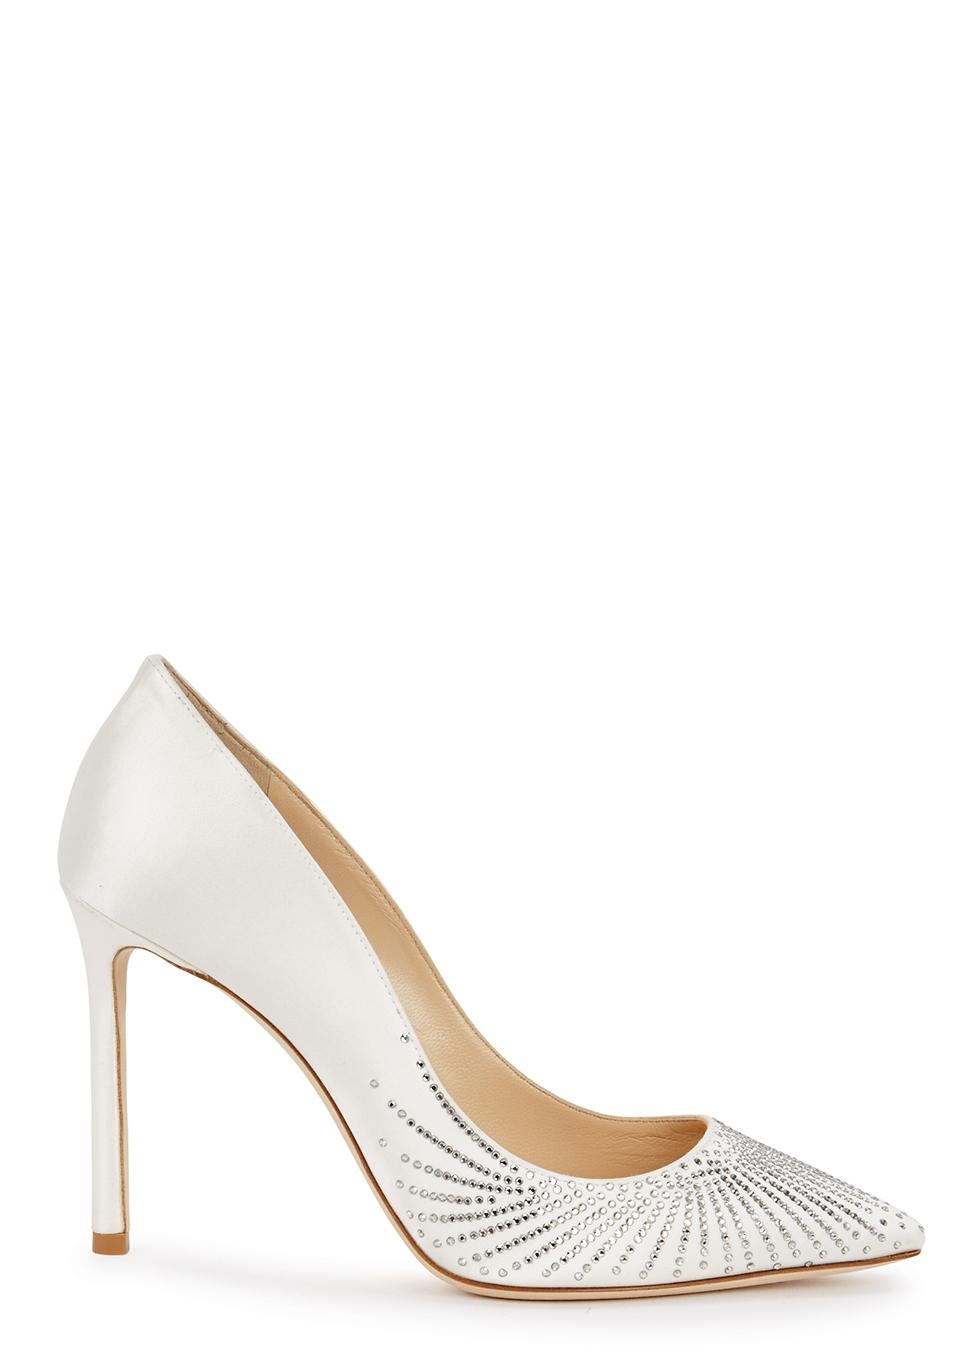 8fdd43aa39df Luxury Bridal Wedding Dresses   Gowns - Harvey Nichols